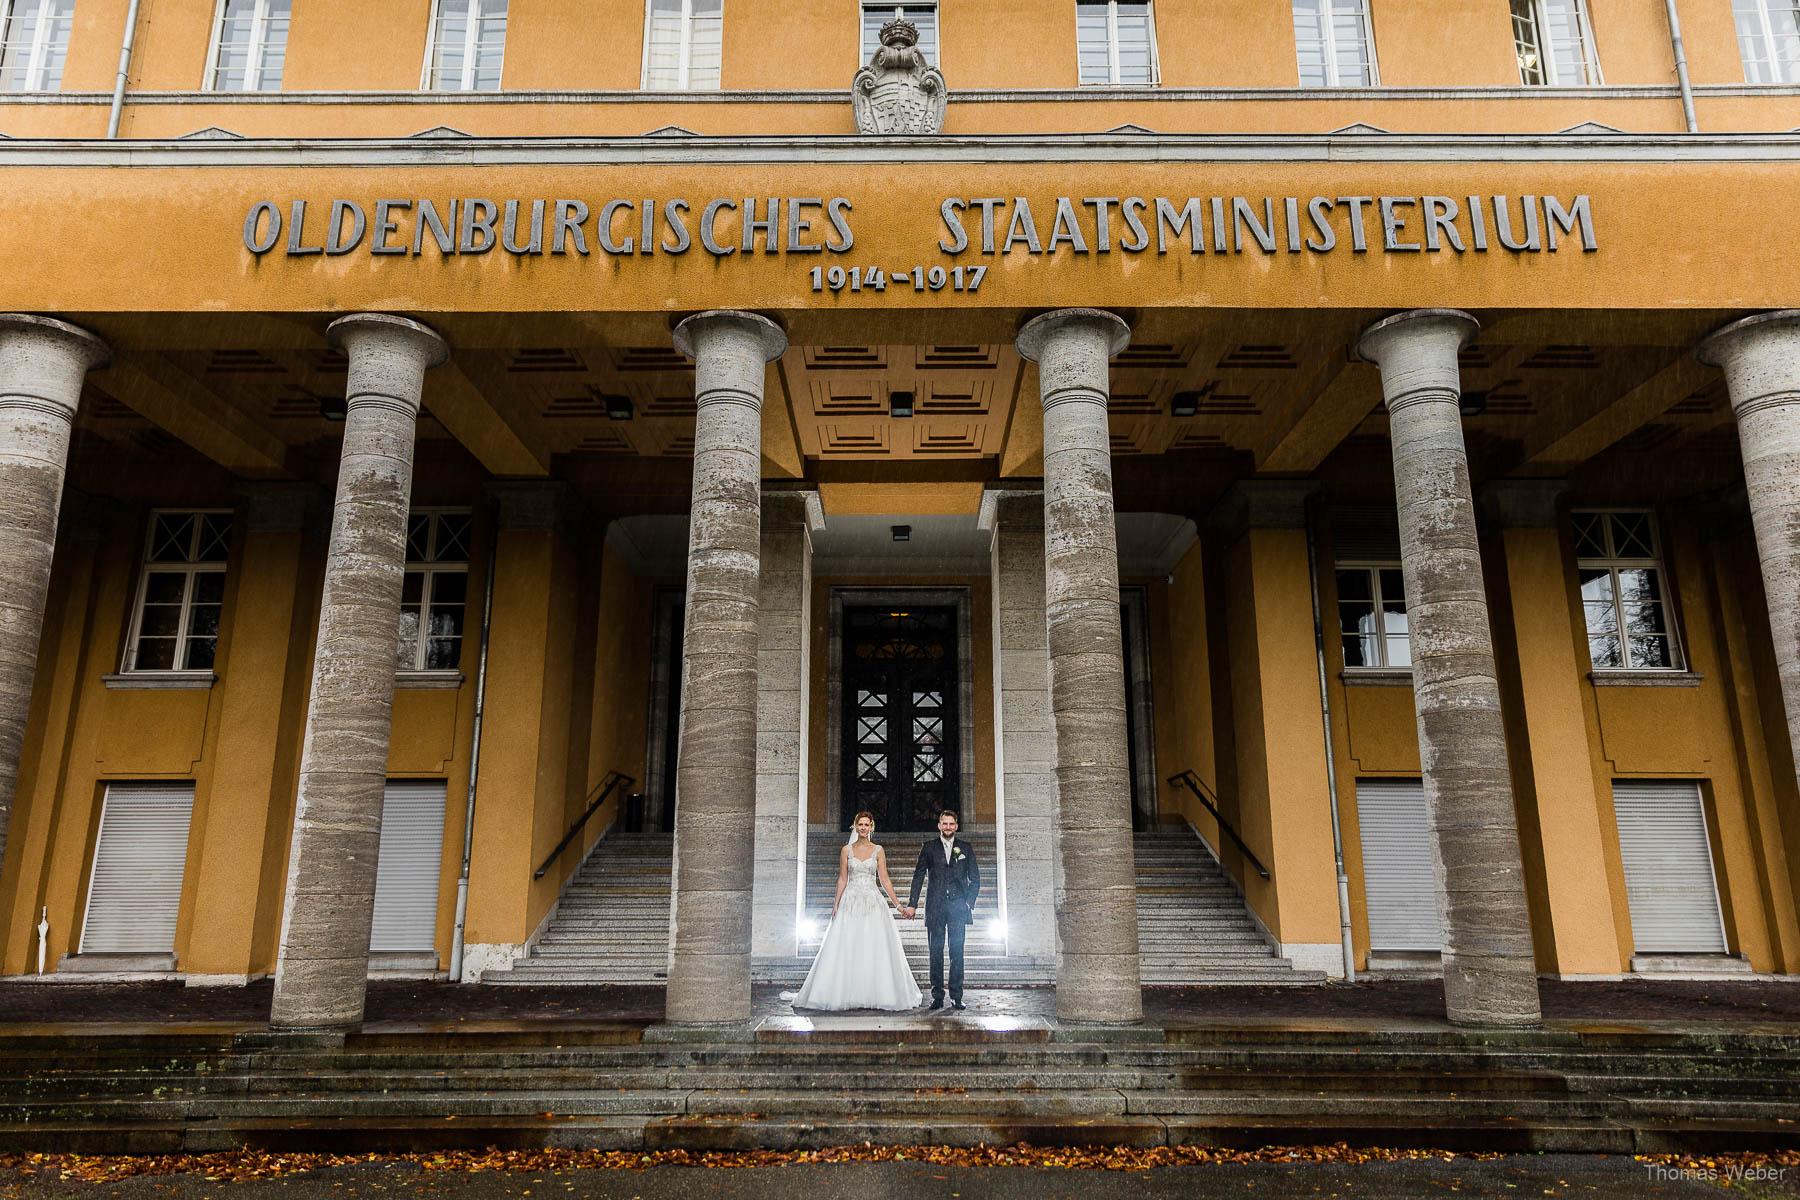 Hochzeitsfotos in Oldenburg, Hochzeitsfotograf Thomas Weber aus Oldenburg